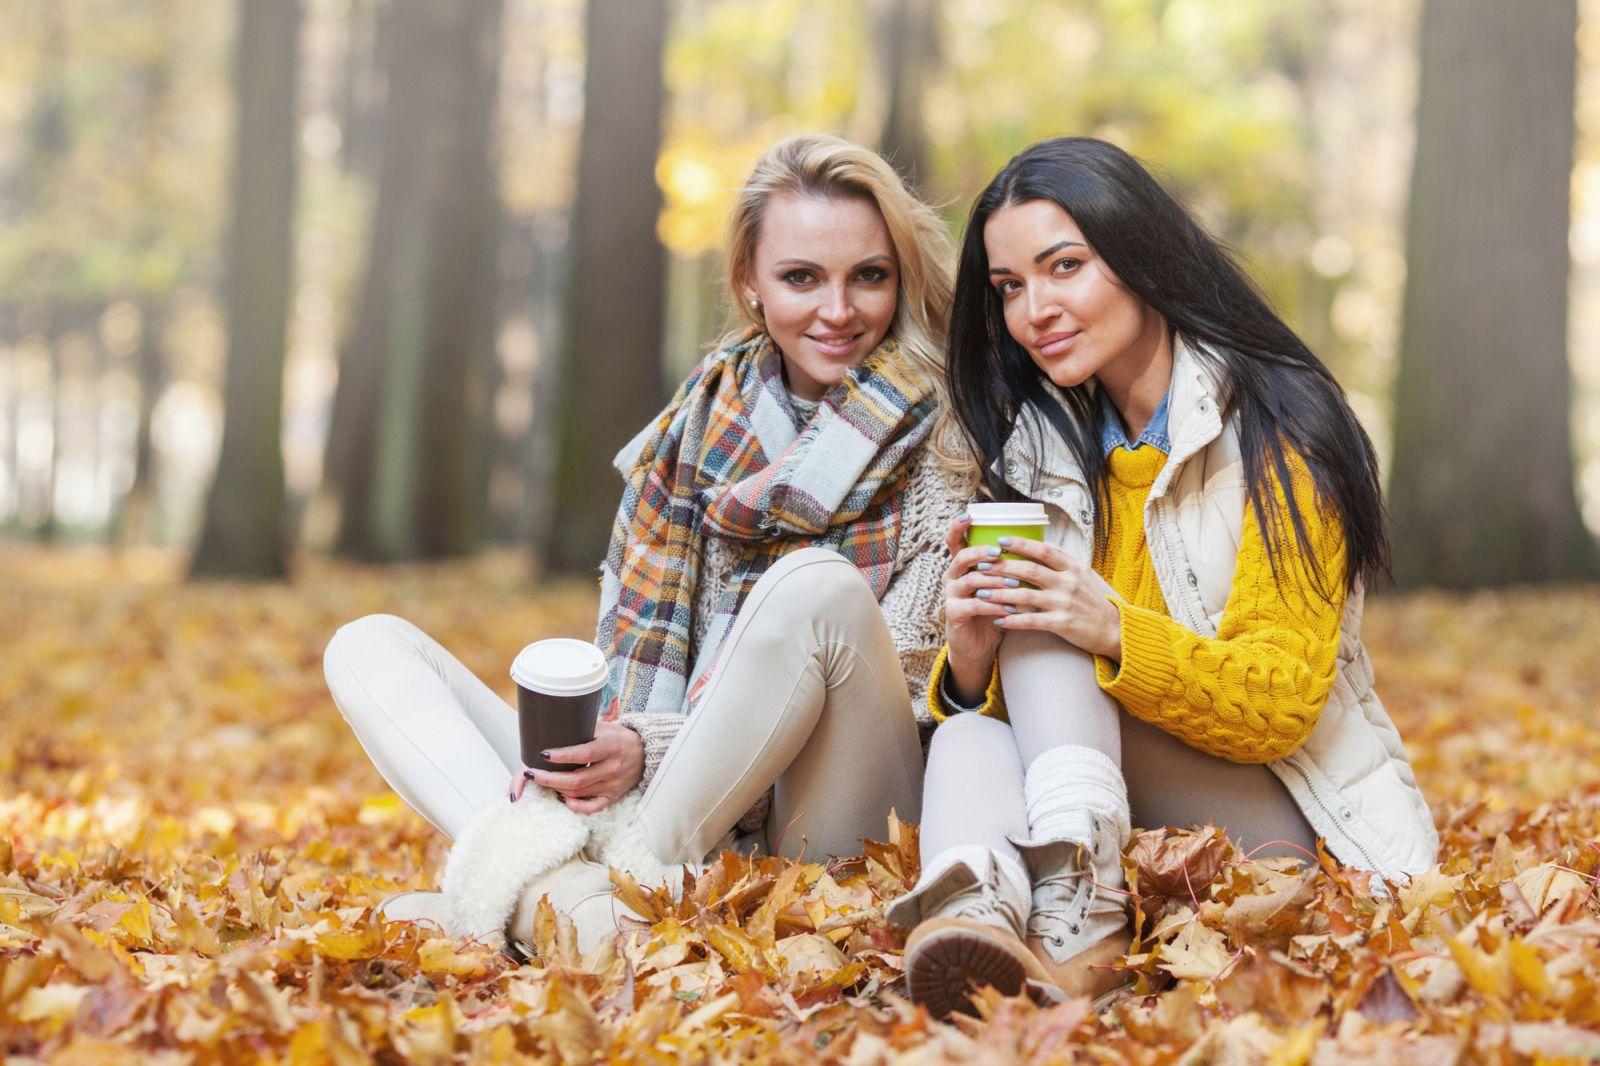 девушки в осеннем парке